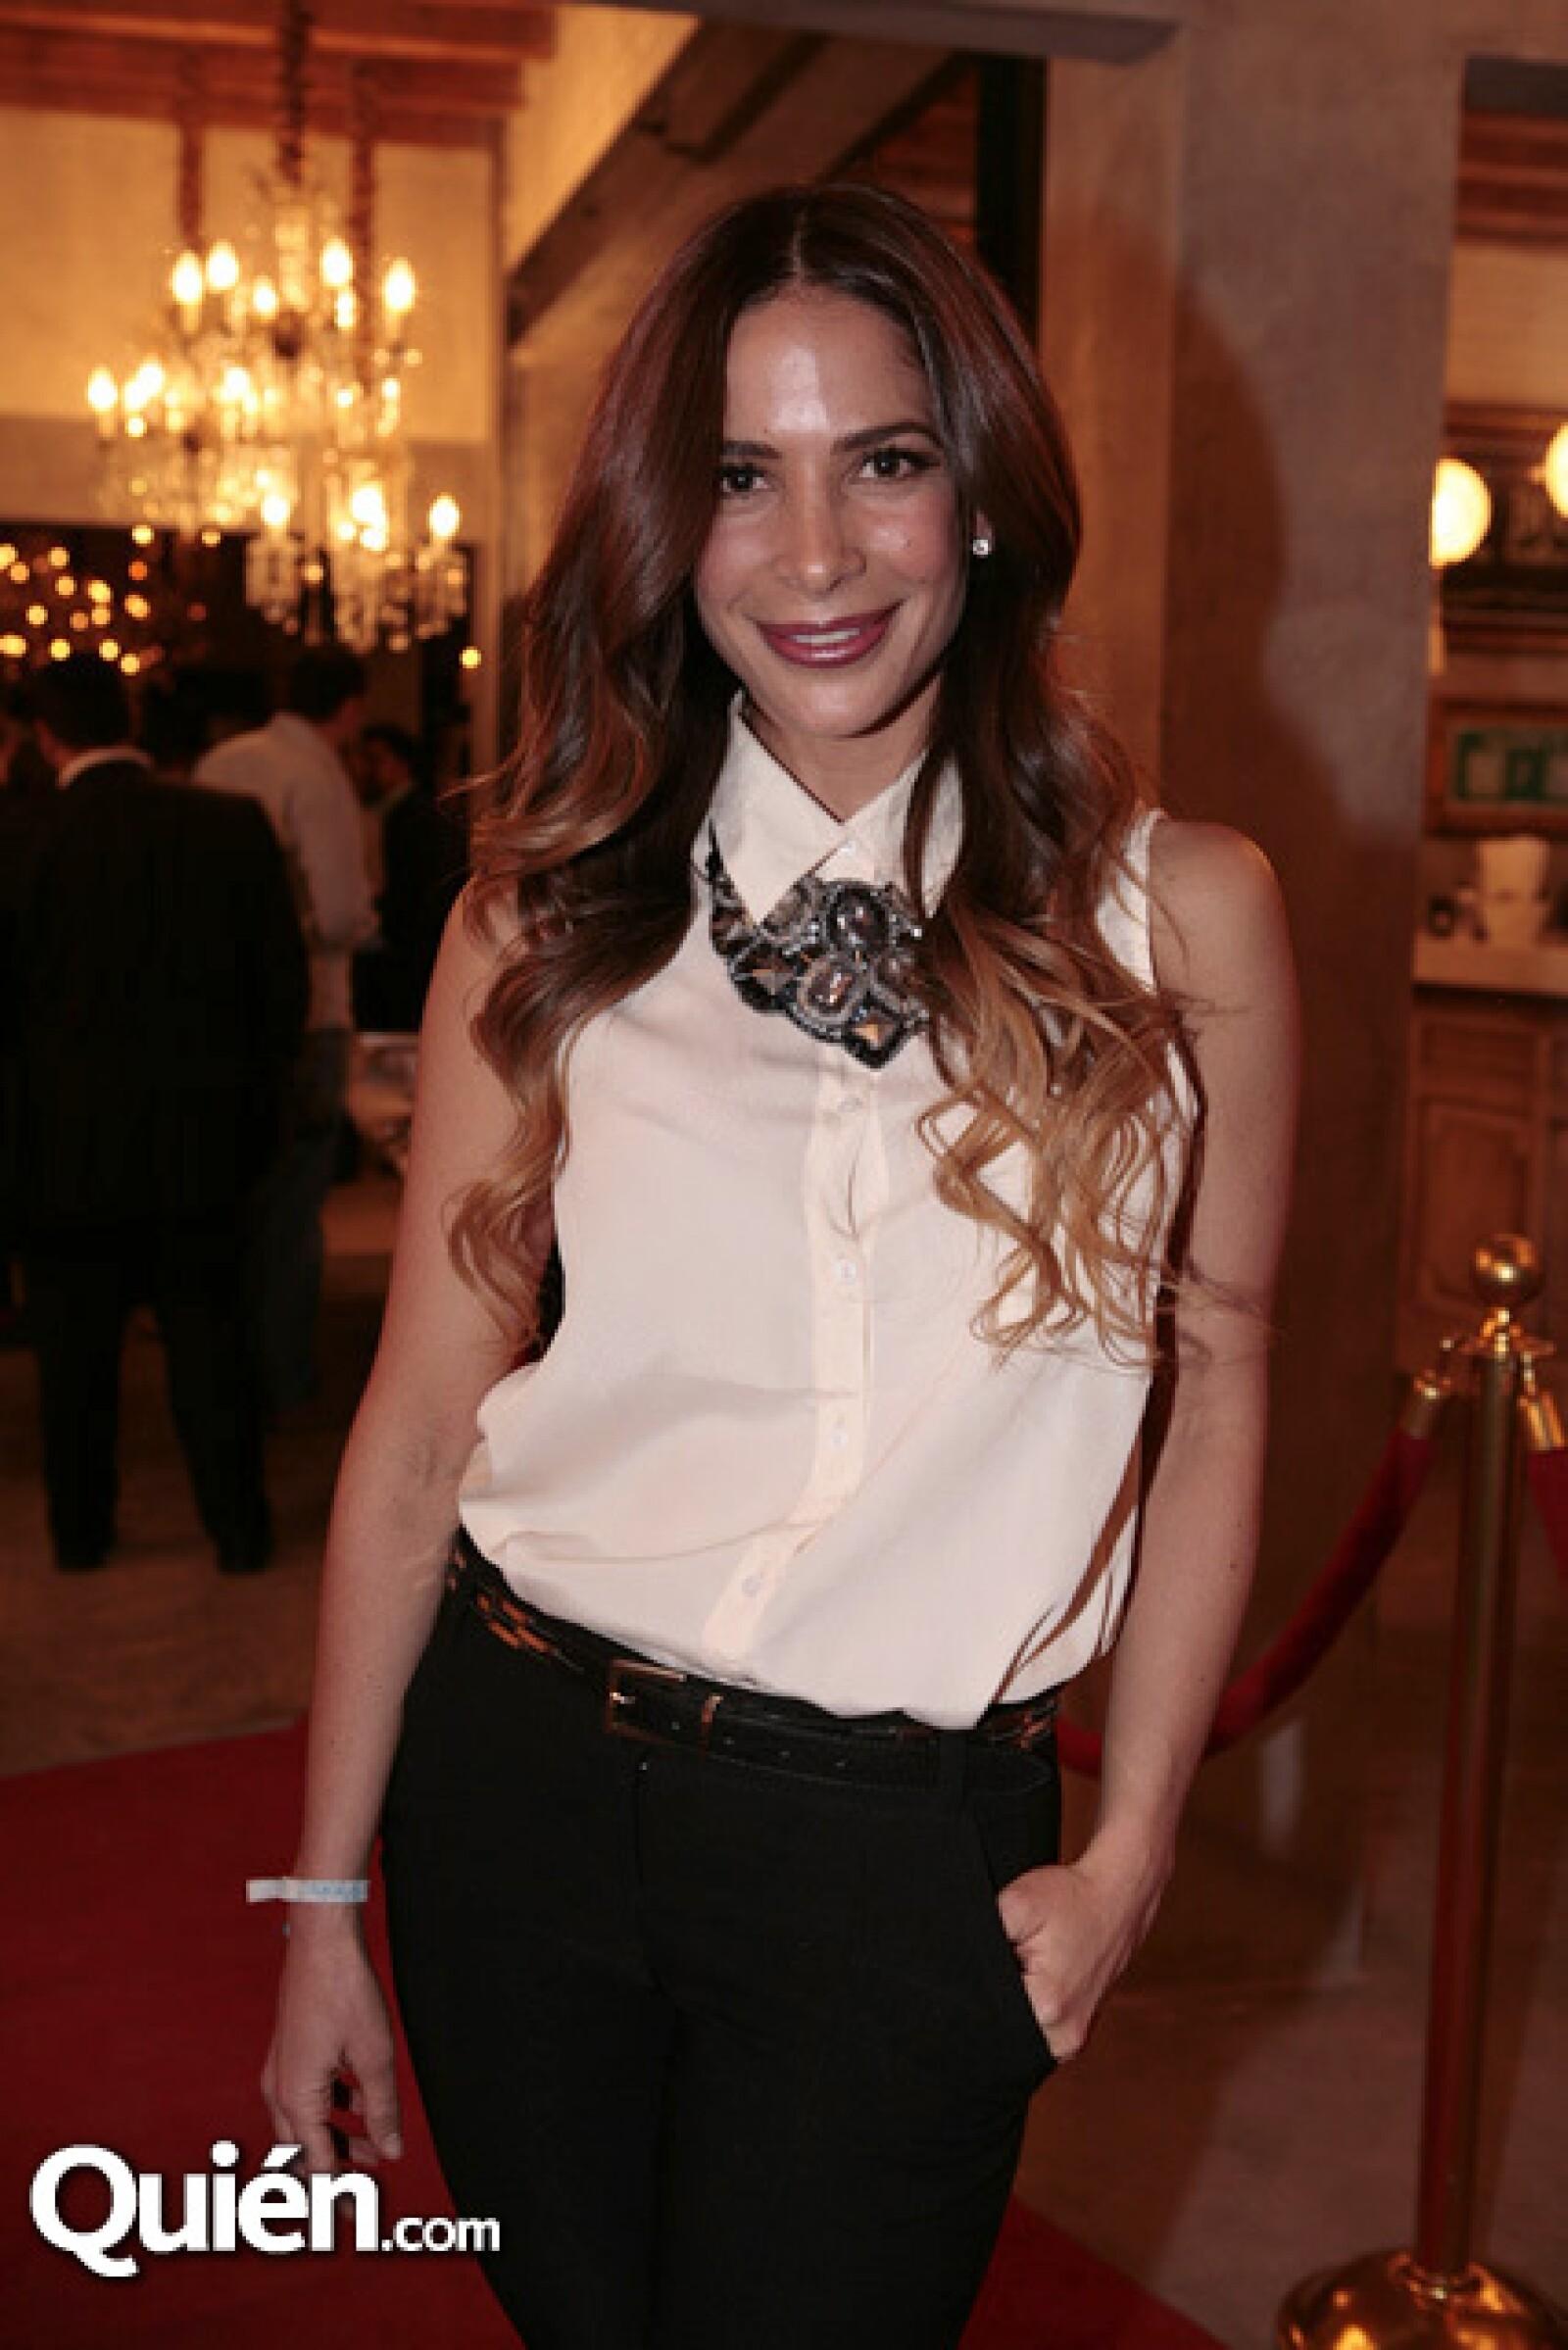 Estela Calderón